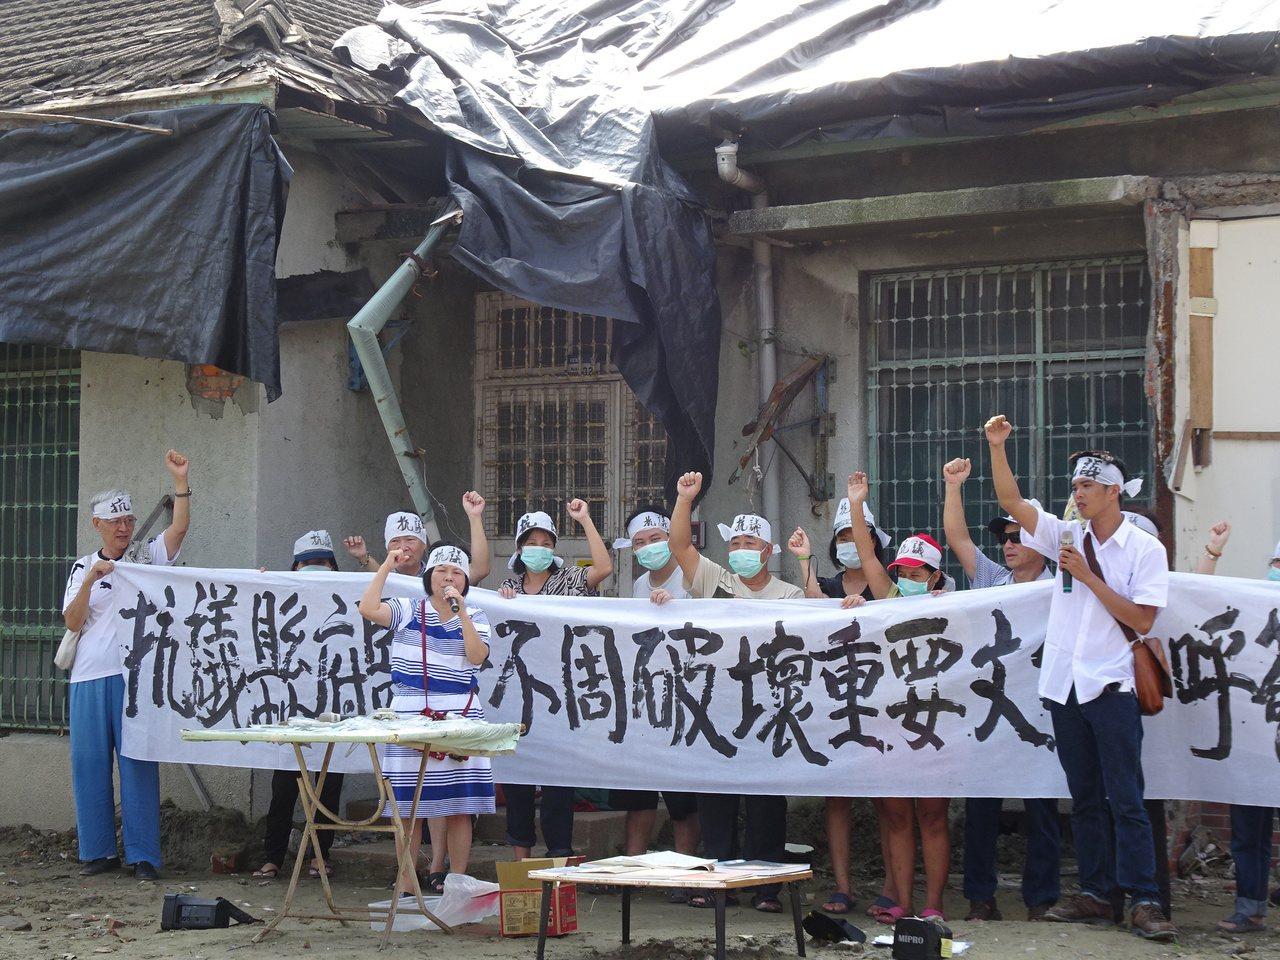 屏東縣議員蔣月惠率眾抗議縣府施工粗糙,古物遭破壞。記者翁禎霞/攝影